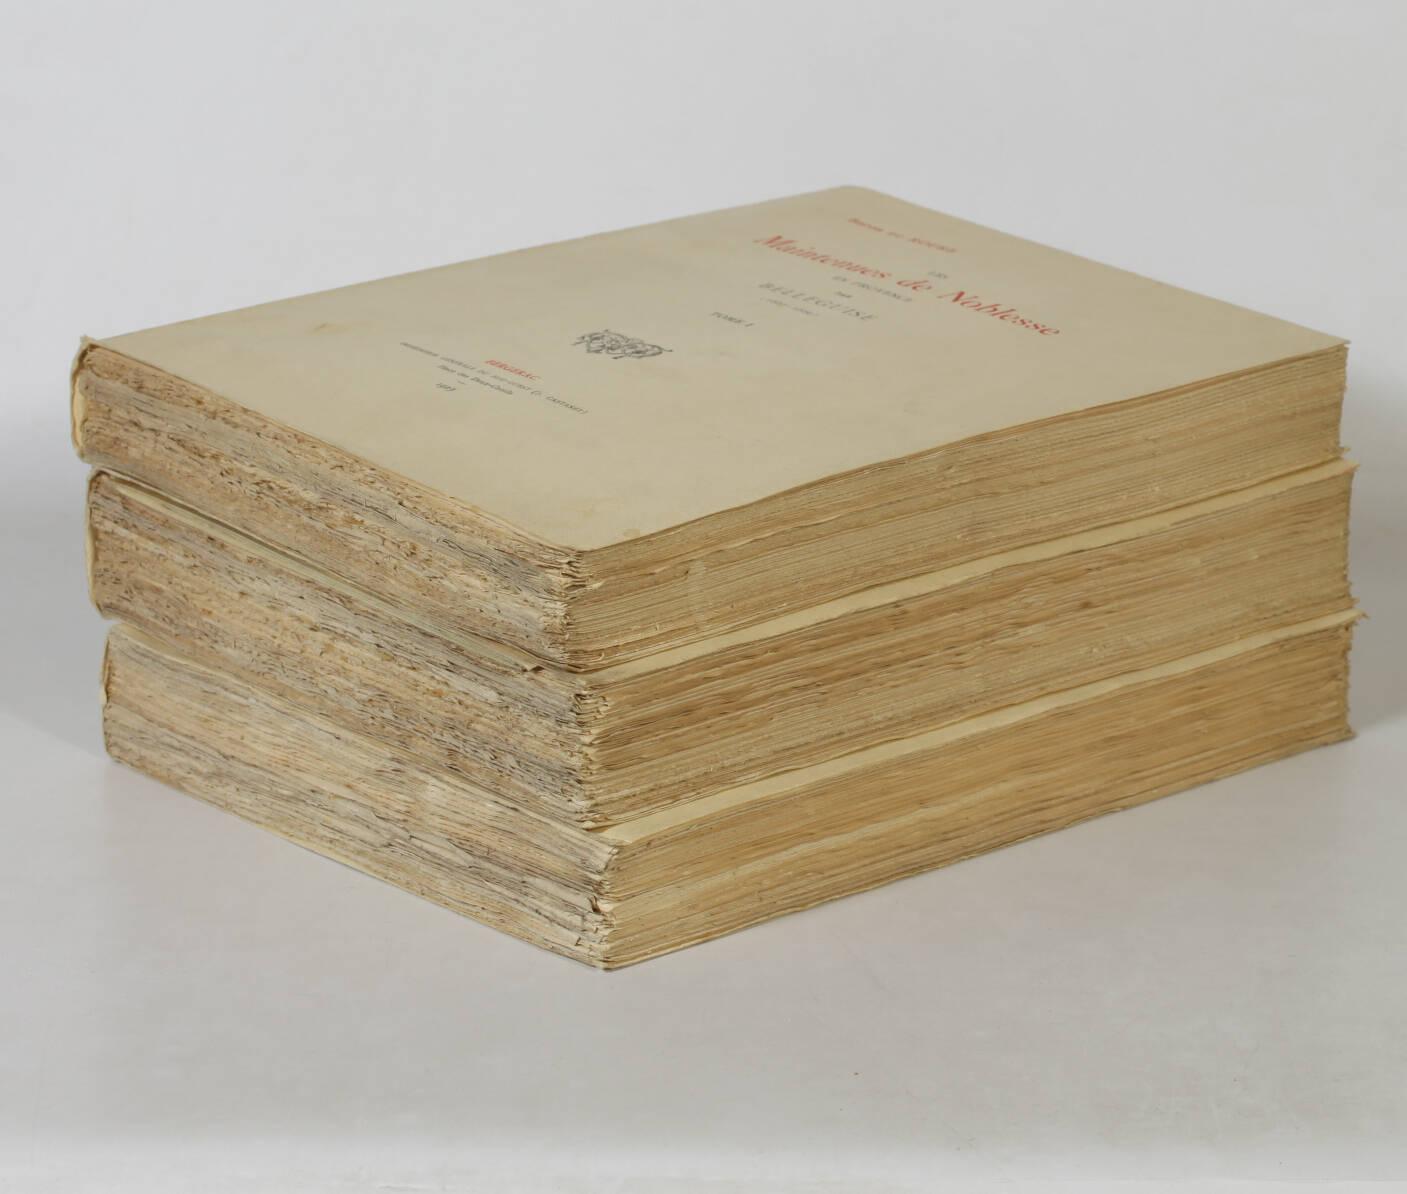 ROURE - Maintenues de noblesse en Provence par Belleguise (1667-1669) 3 vols - Photo 2, livre rare du XXe siècle